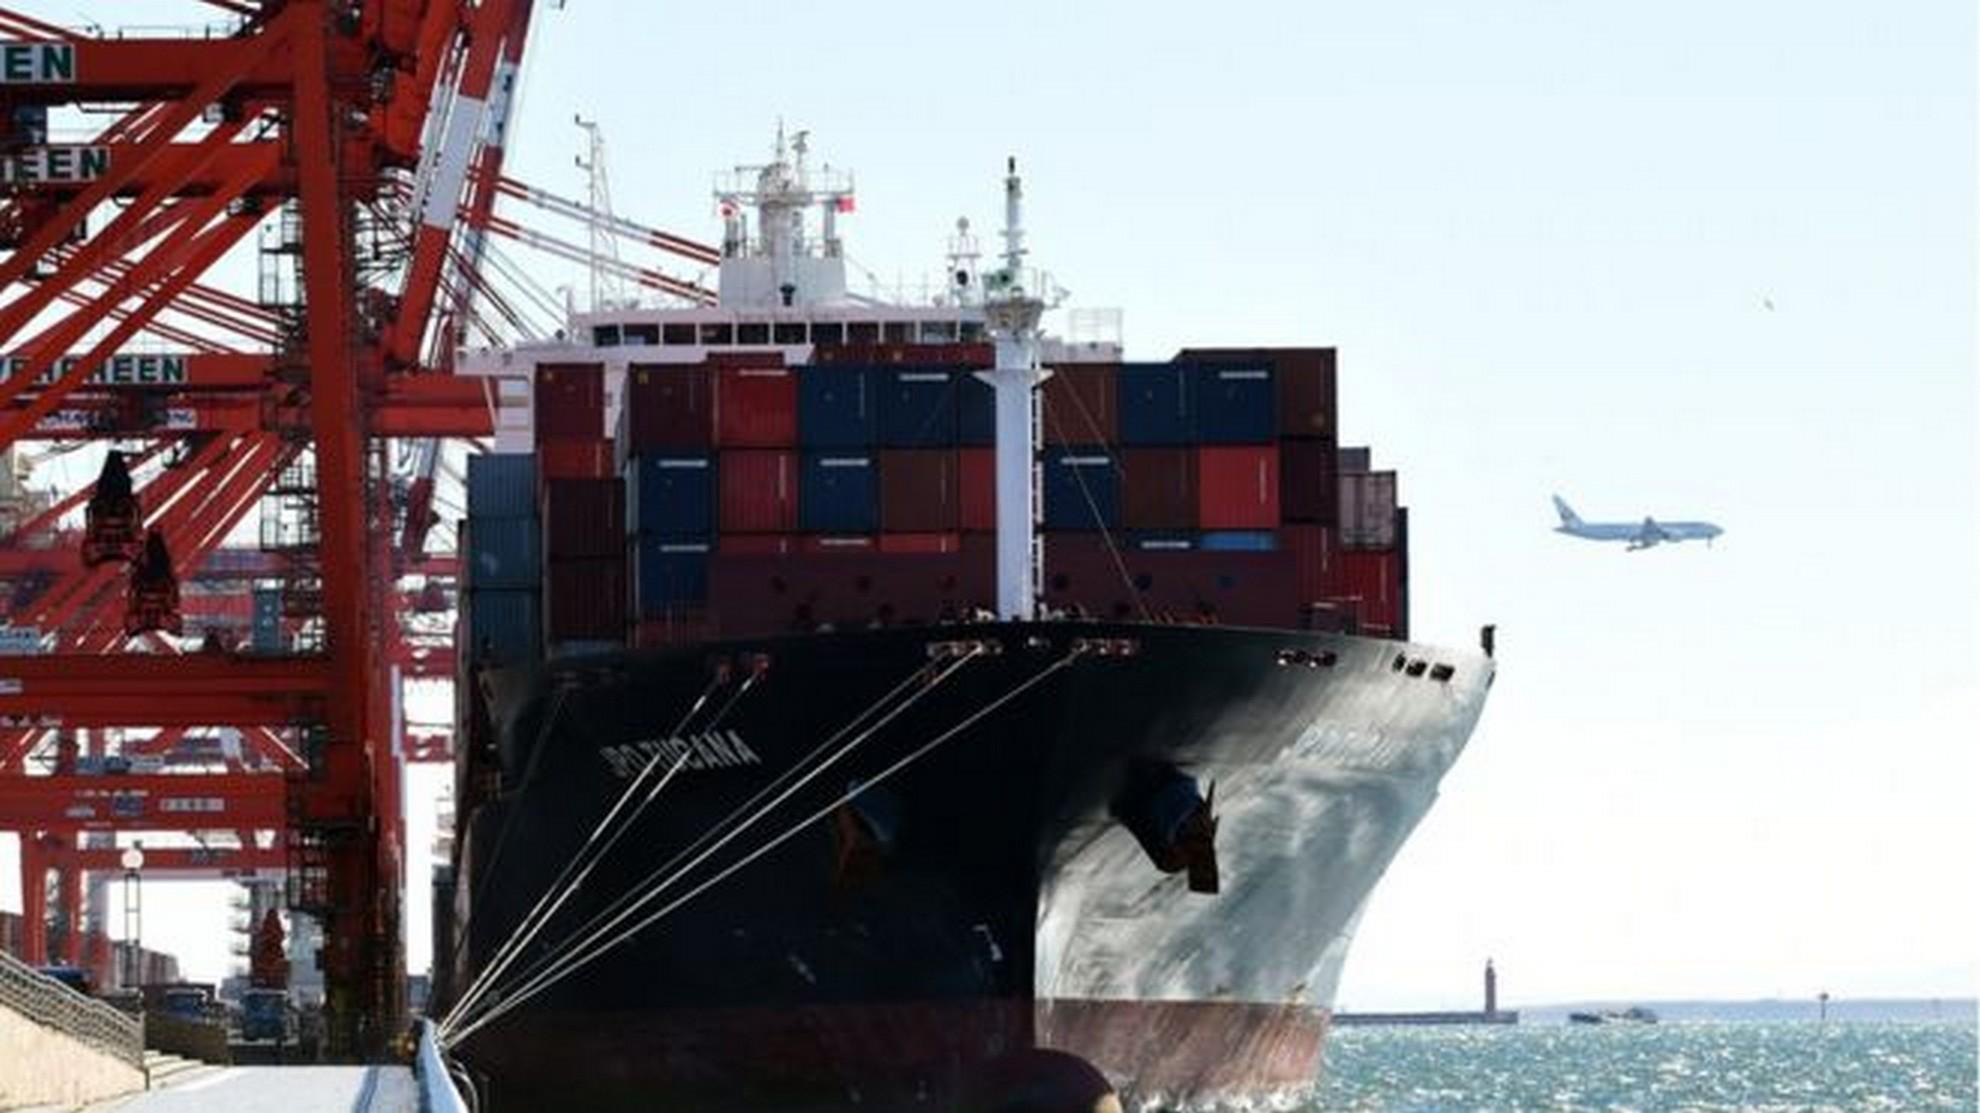 Acuerdo comercial Asia-Pacífico firmado por 11 naciones.